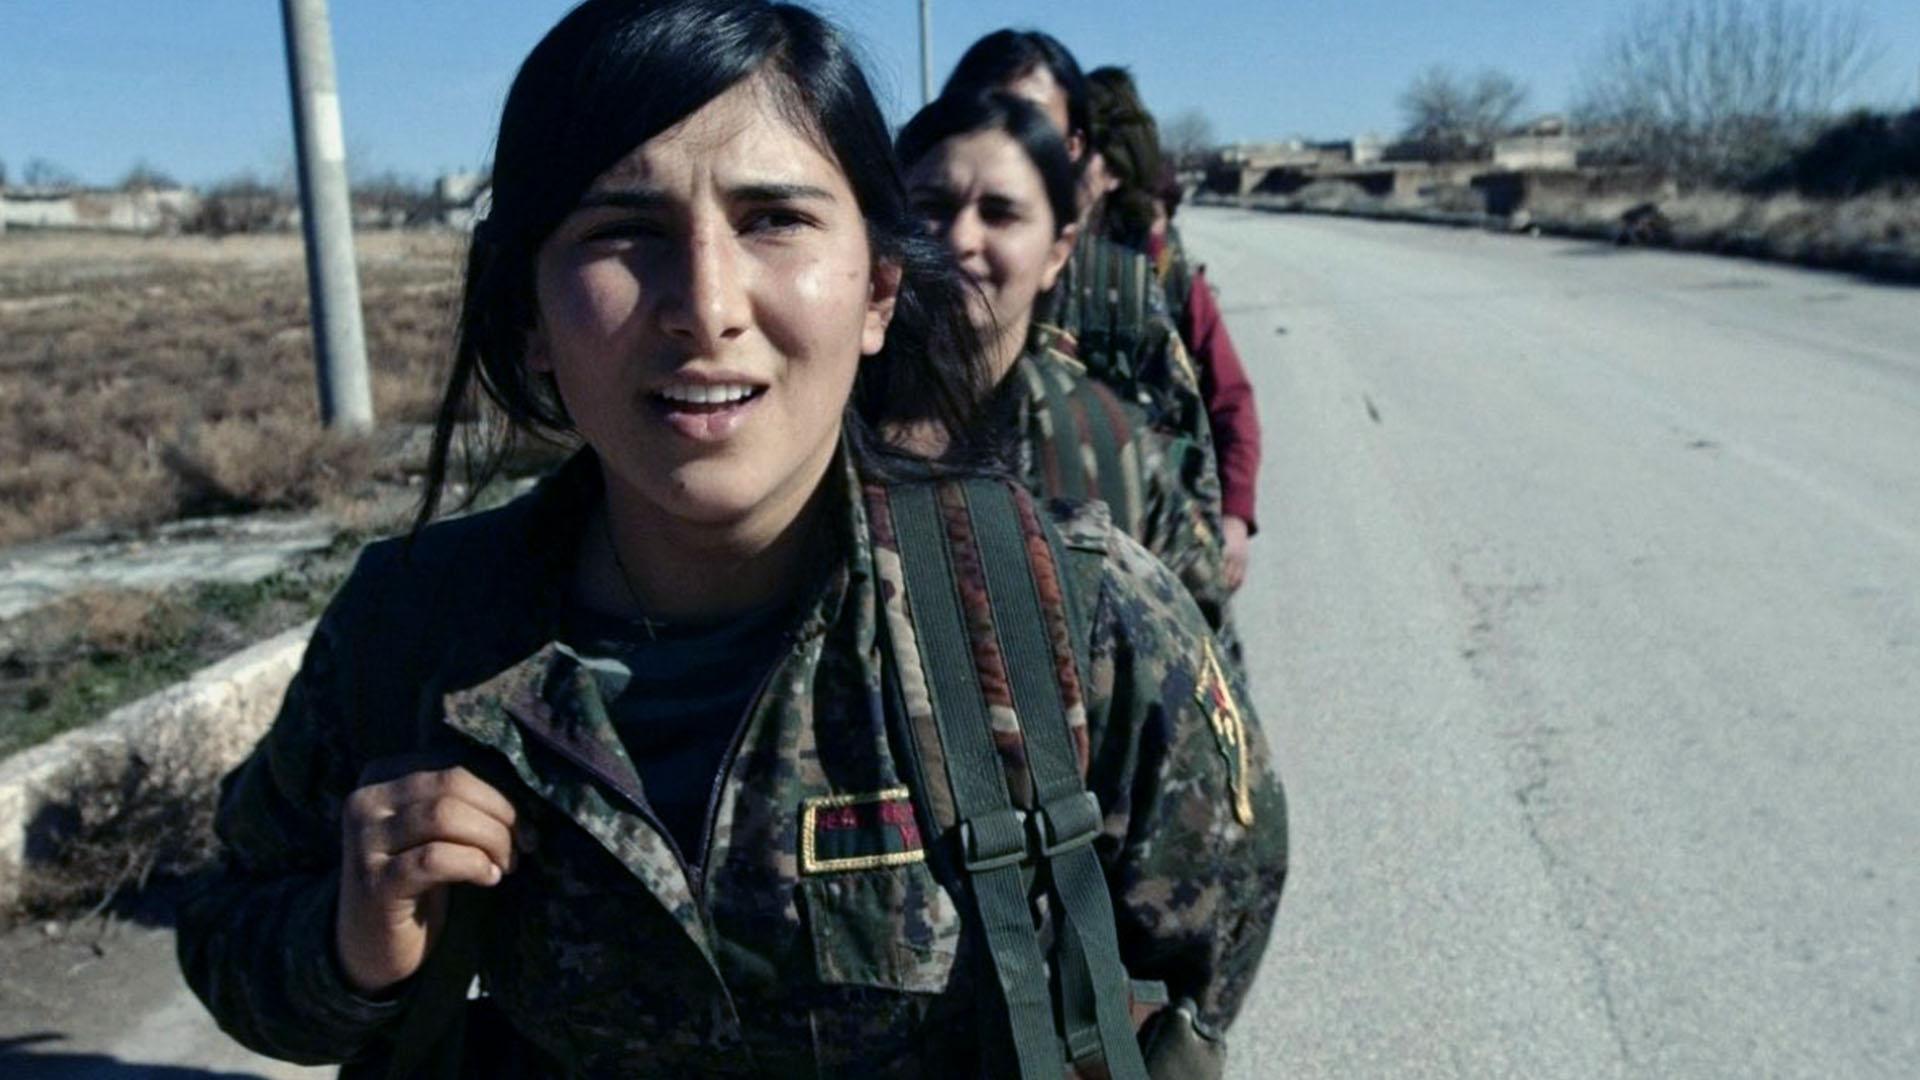 Le combattenti curde di Afrin e Kobane hanno resistito per anni all